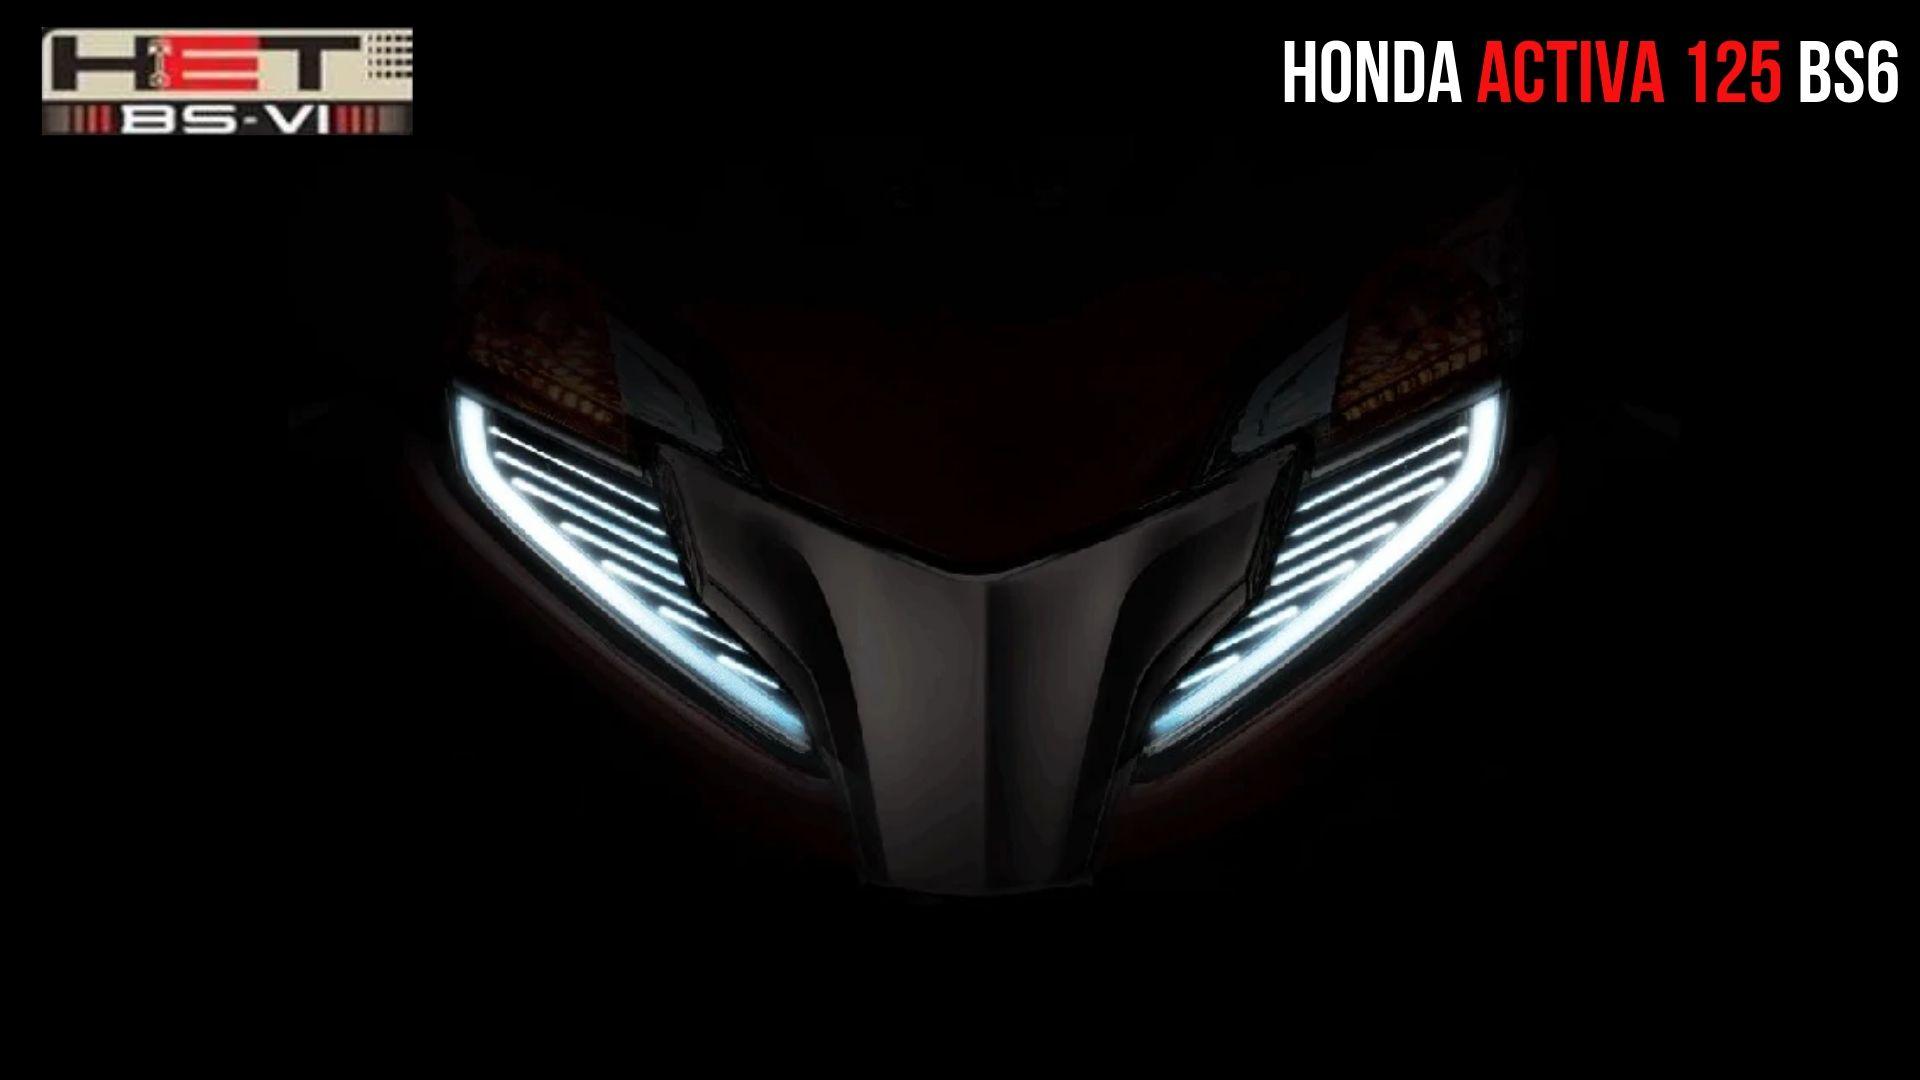 2019 Honda Activa 125 BS6 Launching Today In India - GaadiWaadi.com thumbnail